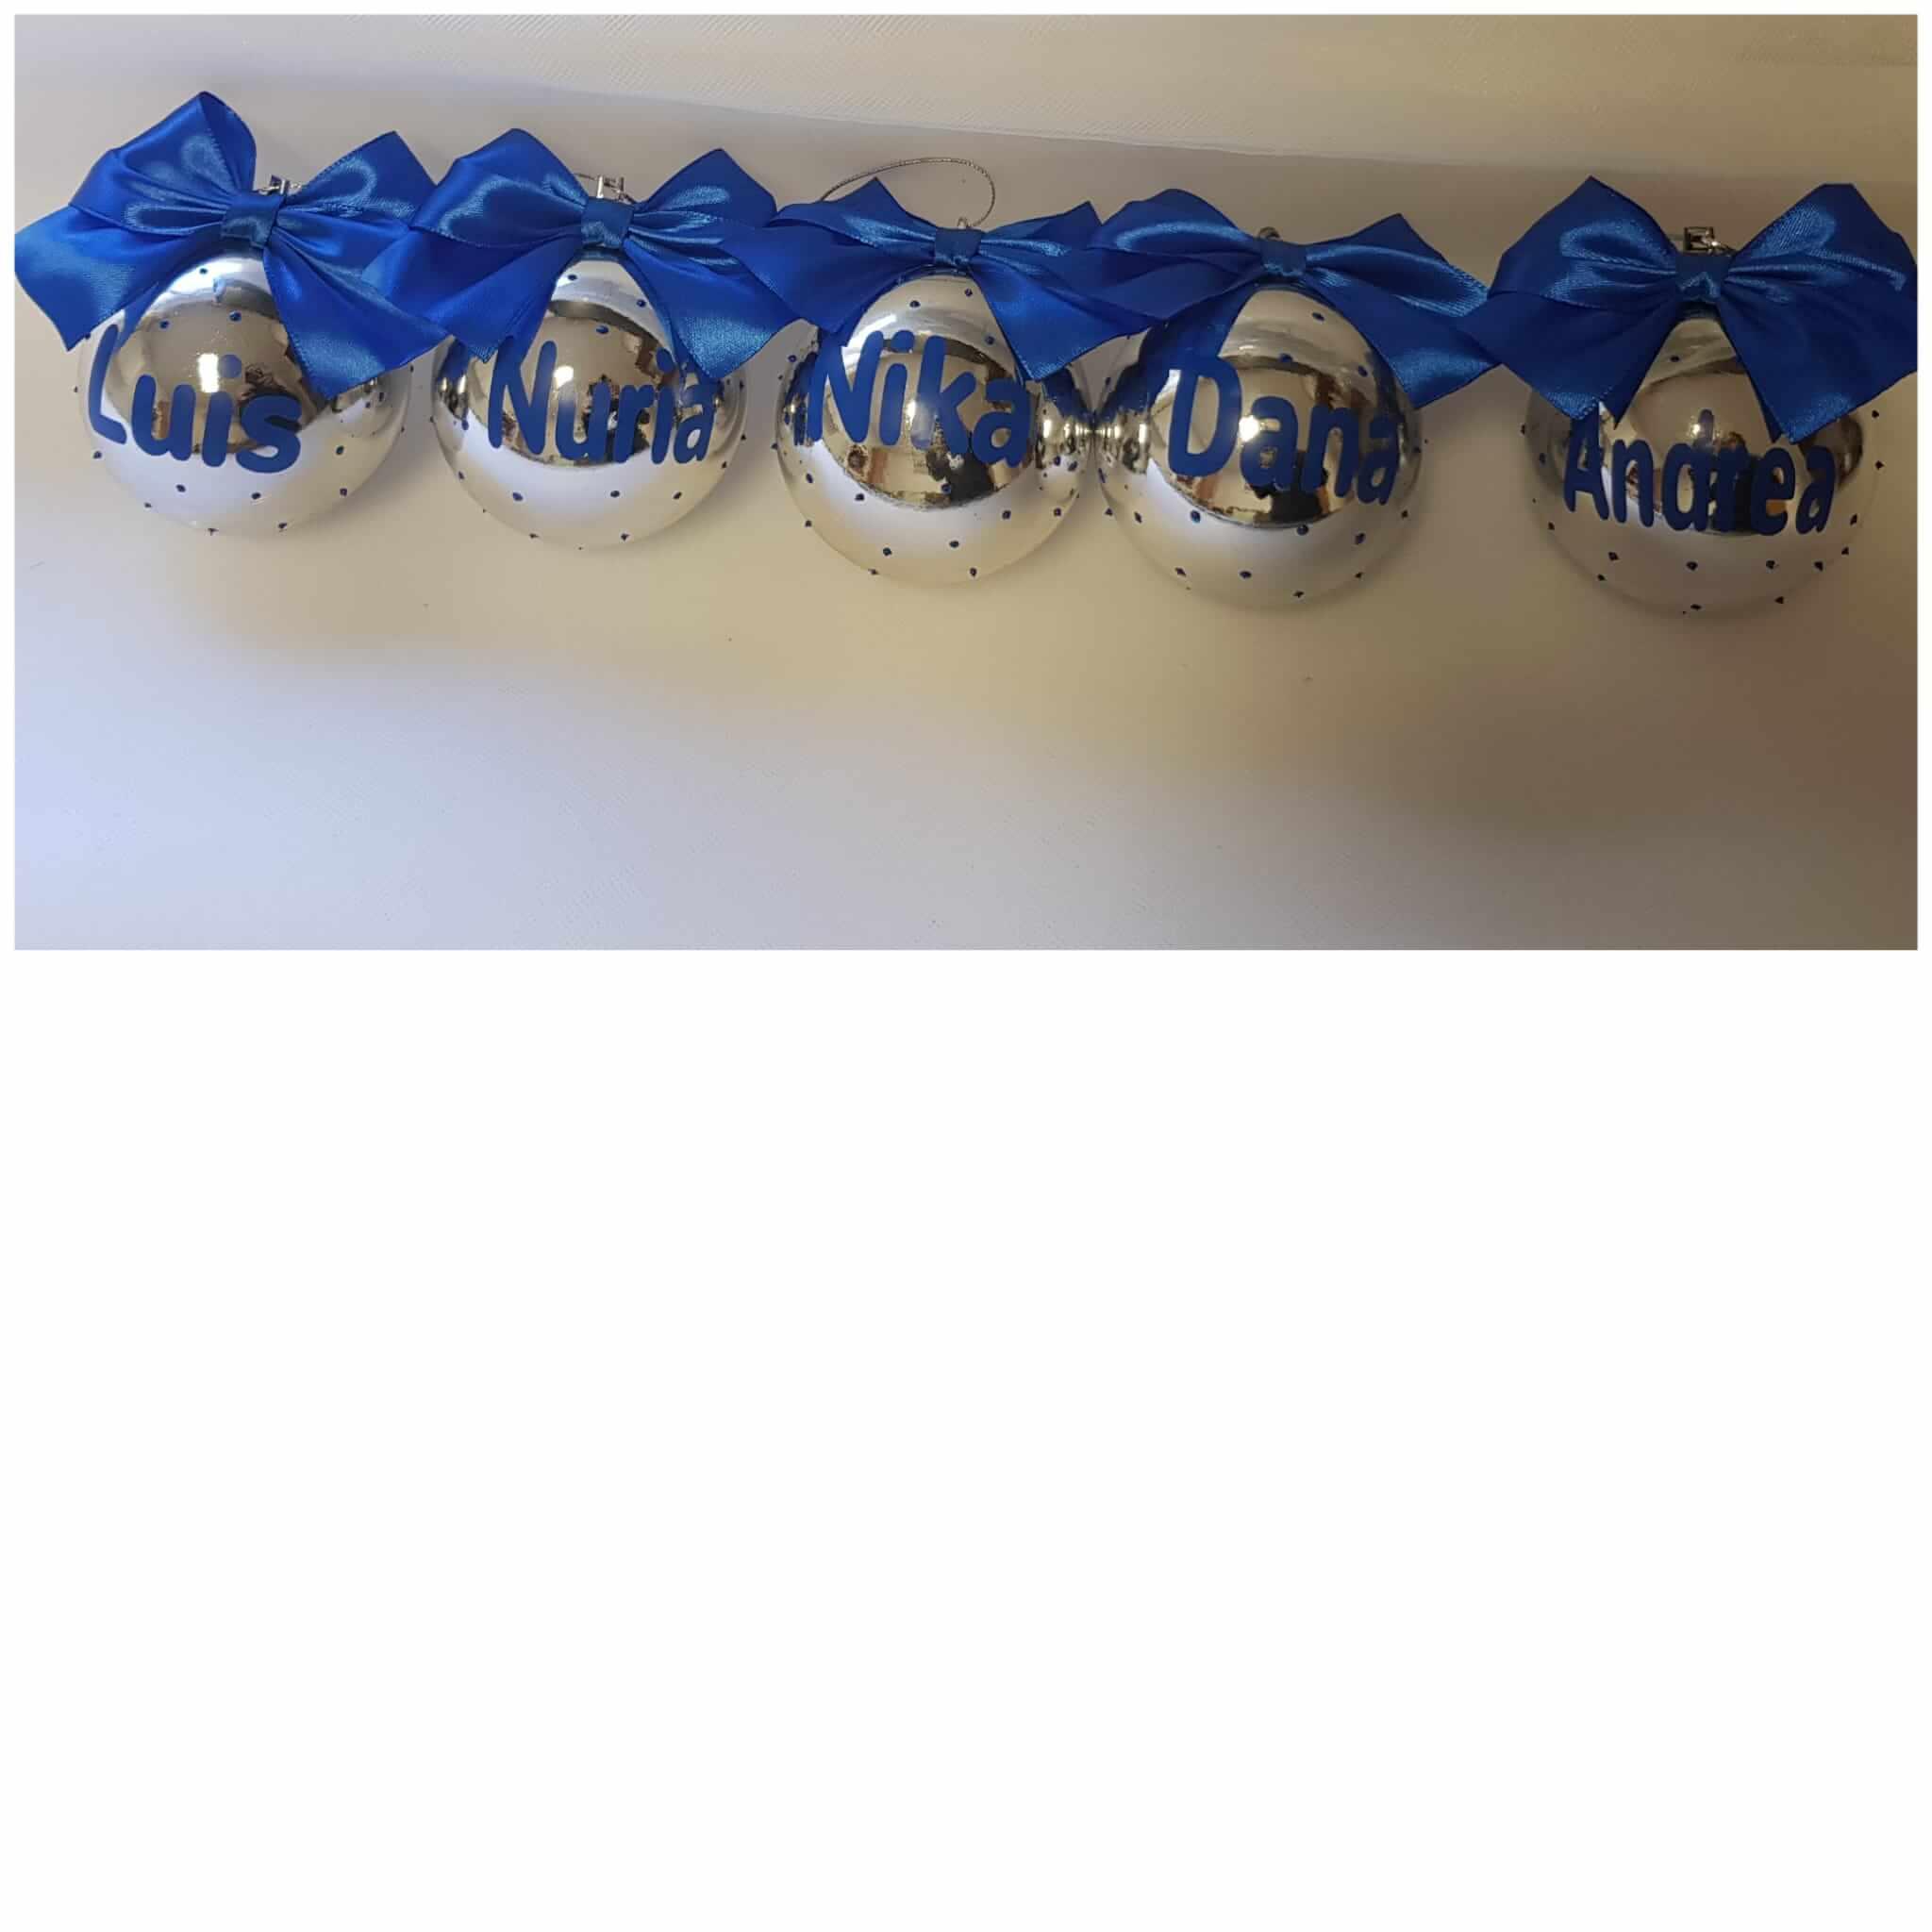 bolas de navidad personalizadas bolas navideñas bola de navidad bolas navidad personalizadas  bolas de navidad - bolas de navidad personalizadas bolas navide  as bola de navidad 2 - Bolas de navidad personalizadas |  Bola de navidad